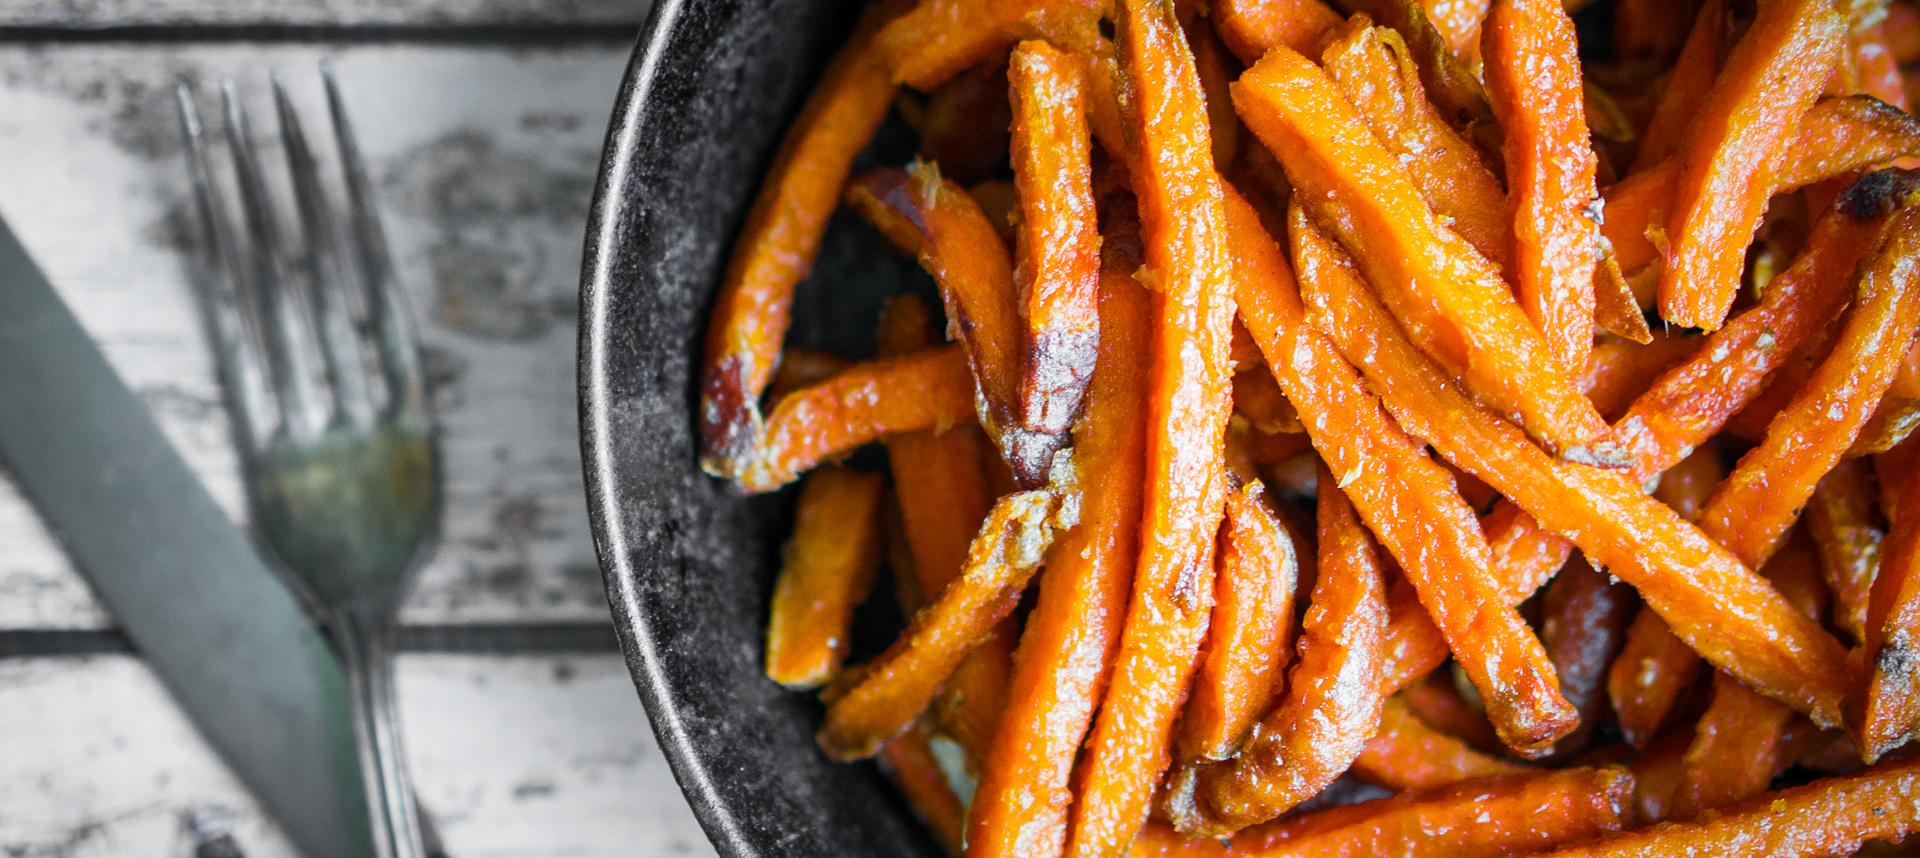 Prženi slatki krumpir.jpg